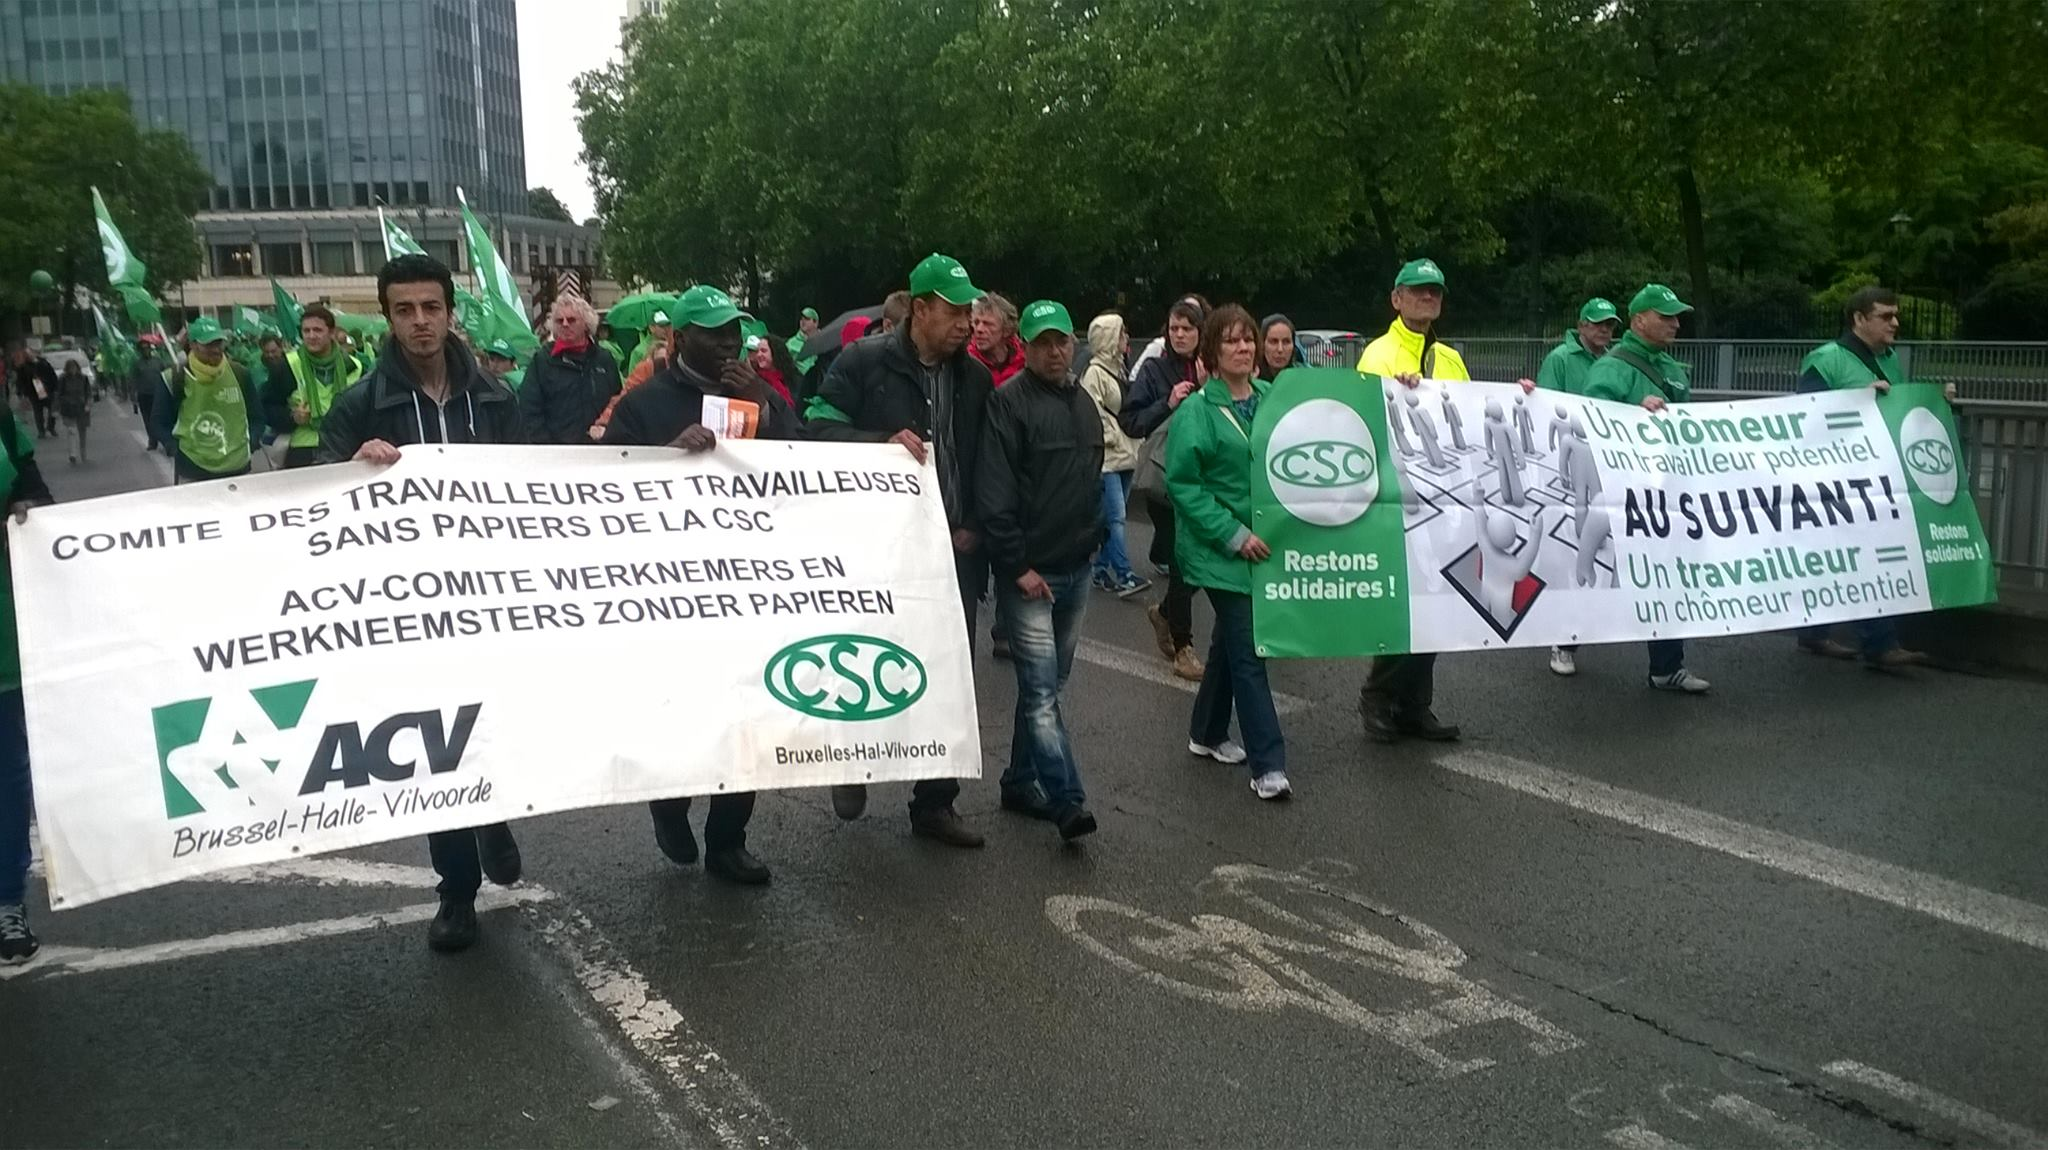 Mensen-zonder-papieren in actie tegen sociale dumping en onmenselijke arbeidsvoorwaarden